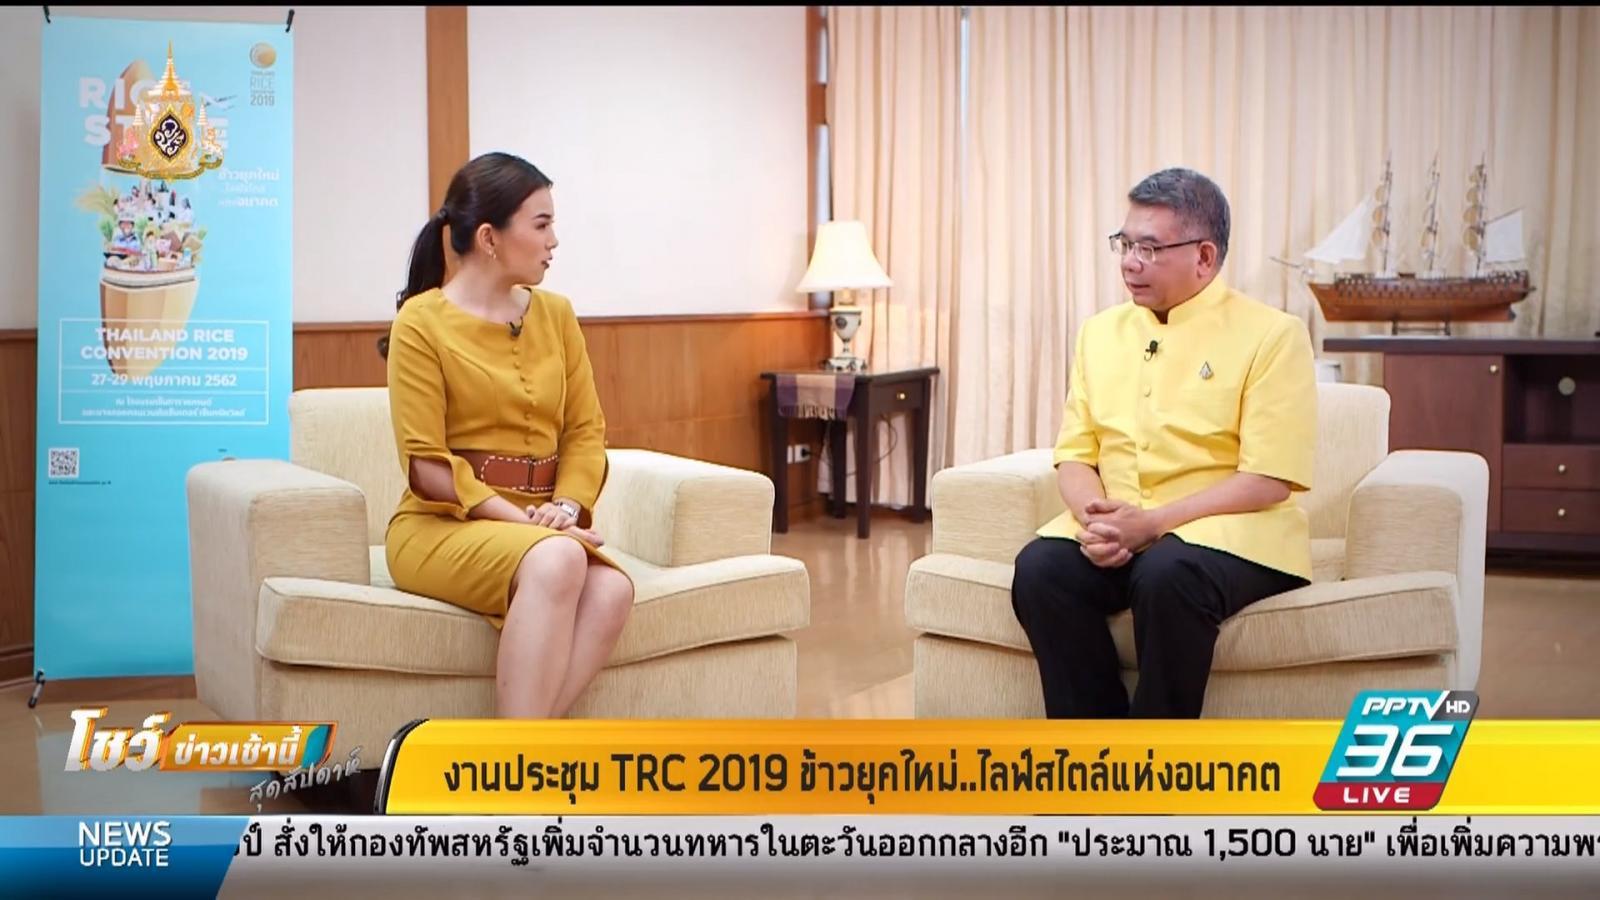 """สัมภาษณ์พิเศษ อธิการบดีกรมการค้าระหว่างประเทศ หัวข้อ """"Thailand Rice Convention 2019"""""""